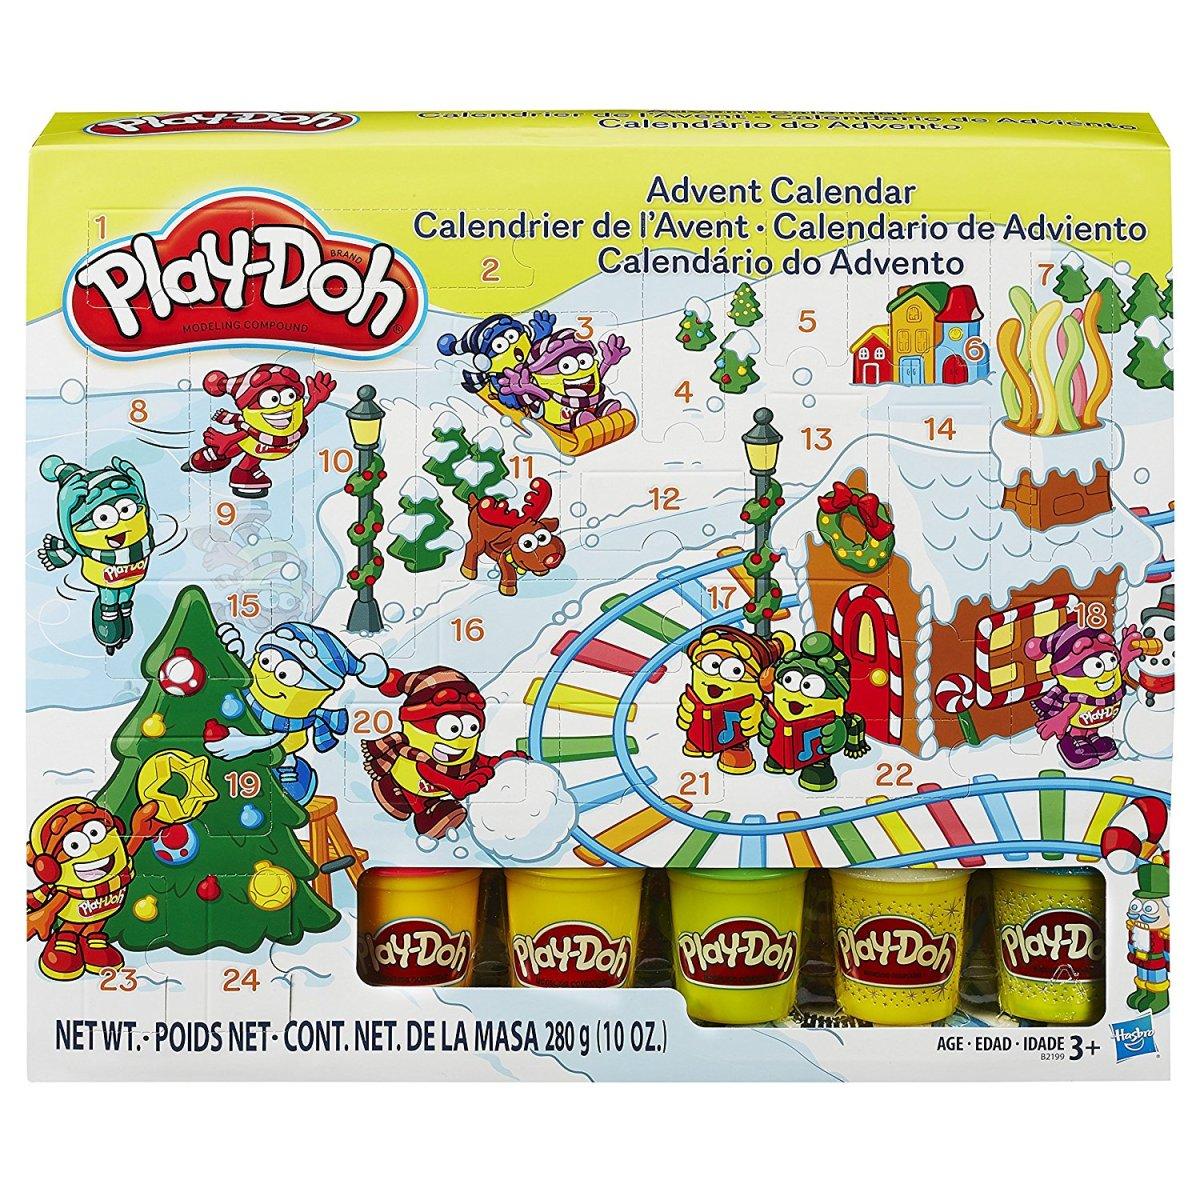 Calendrier-de-l-avent-Play-Doh